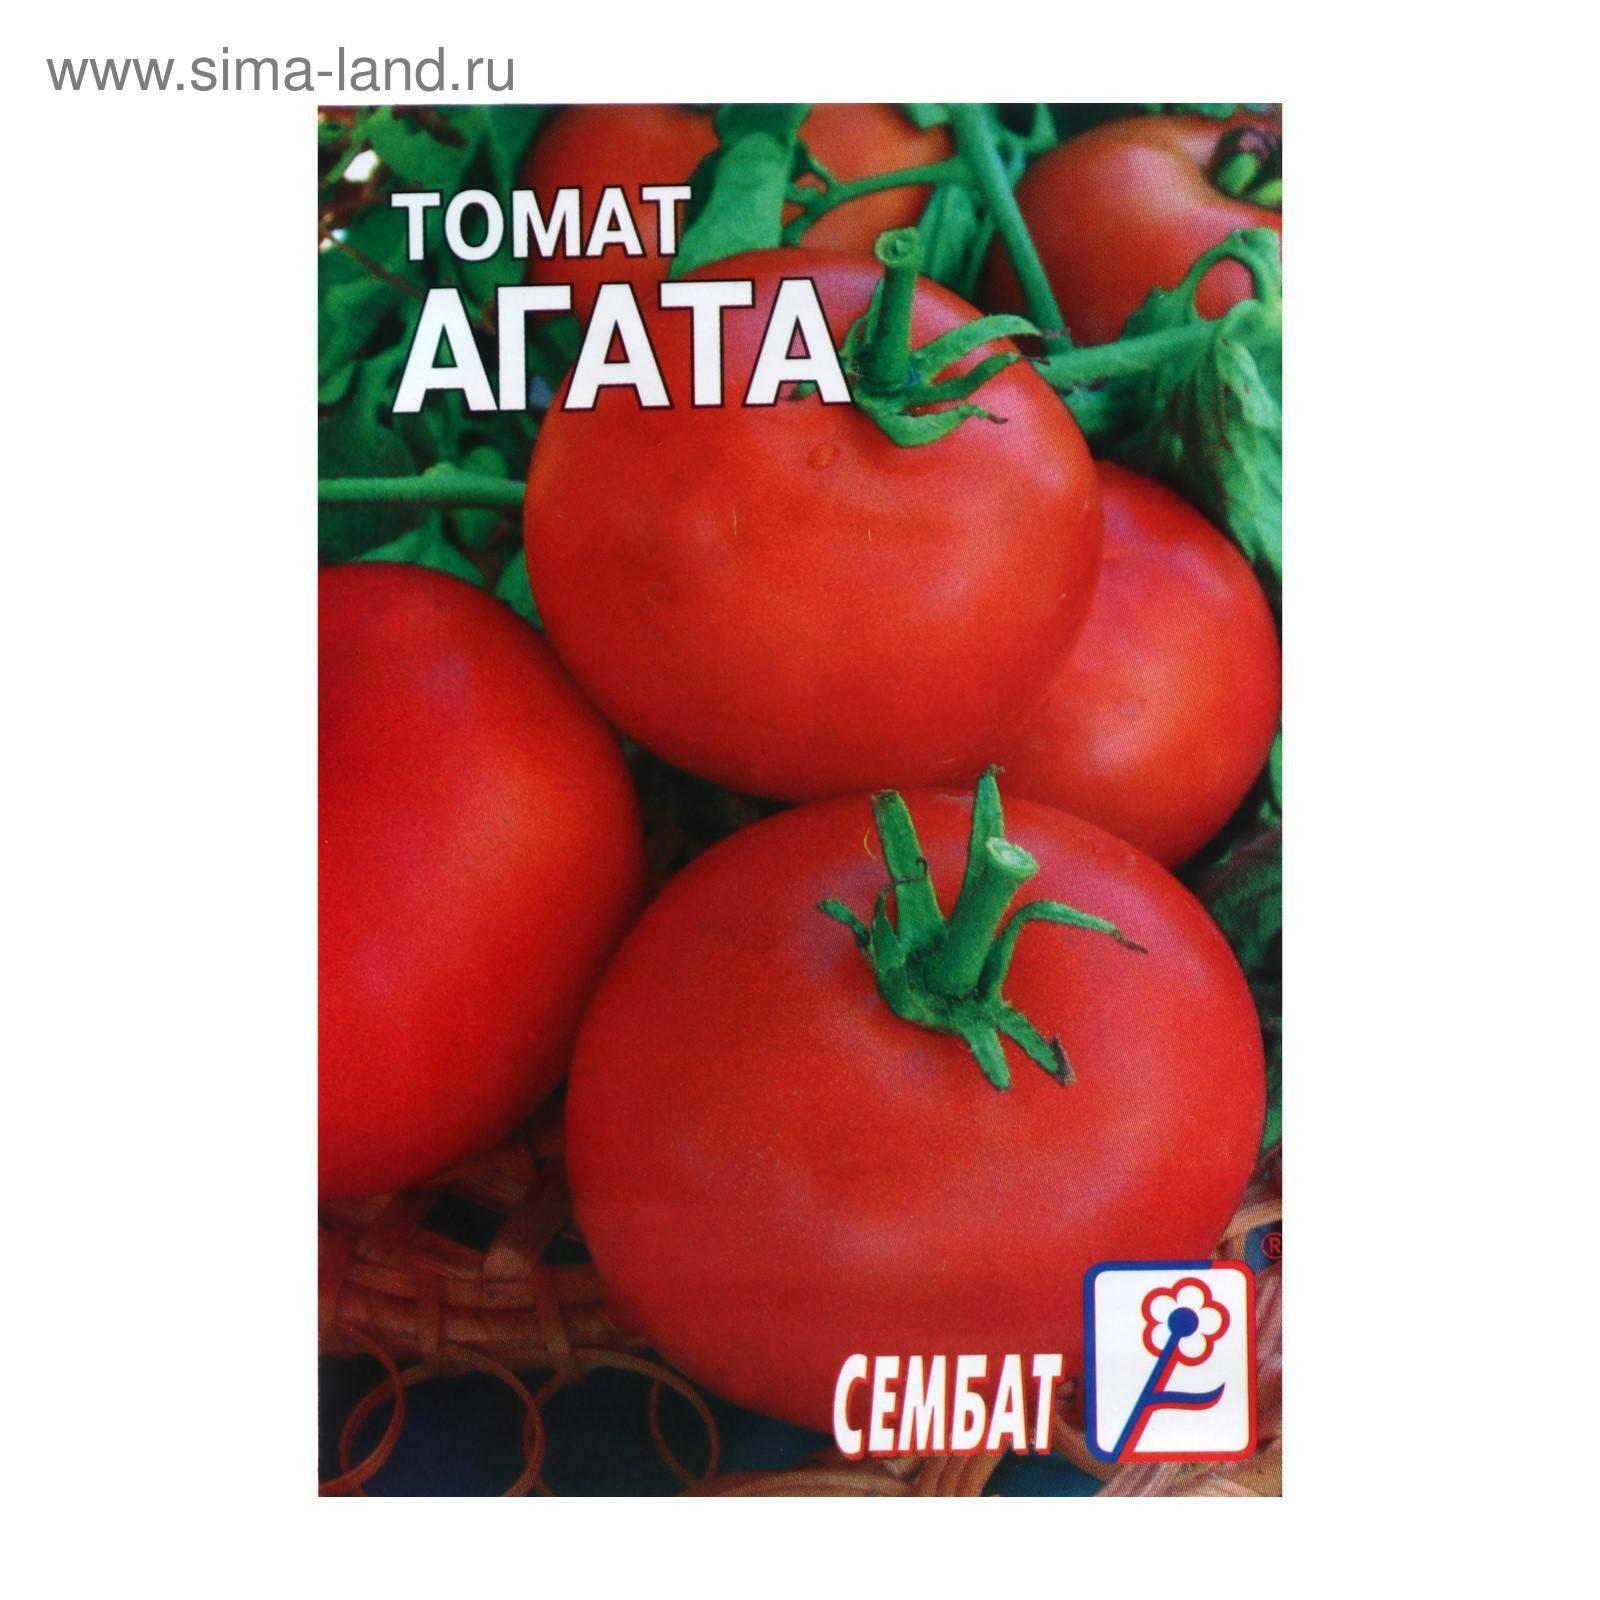 Томат агата: описание сорта, отзывы, фото, урожайность | tomatland.ru